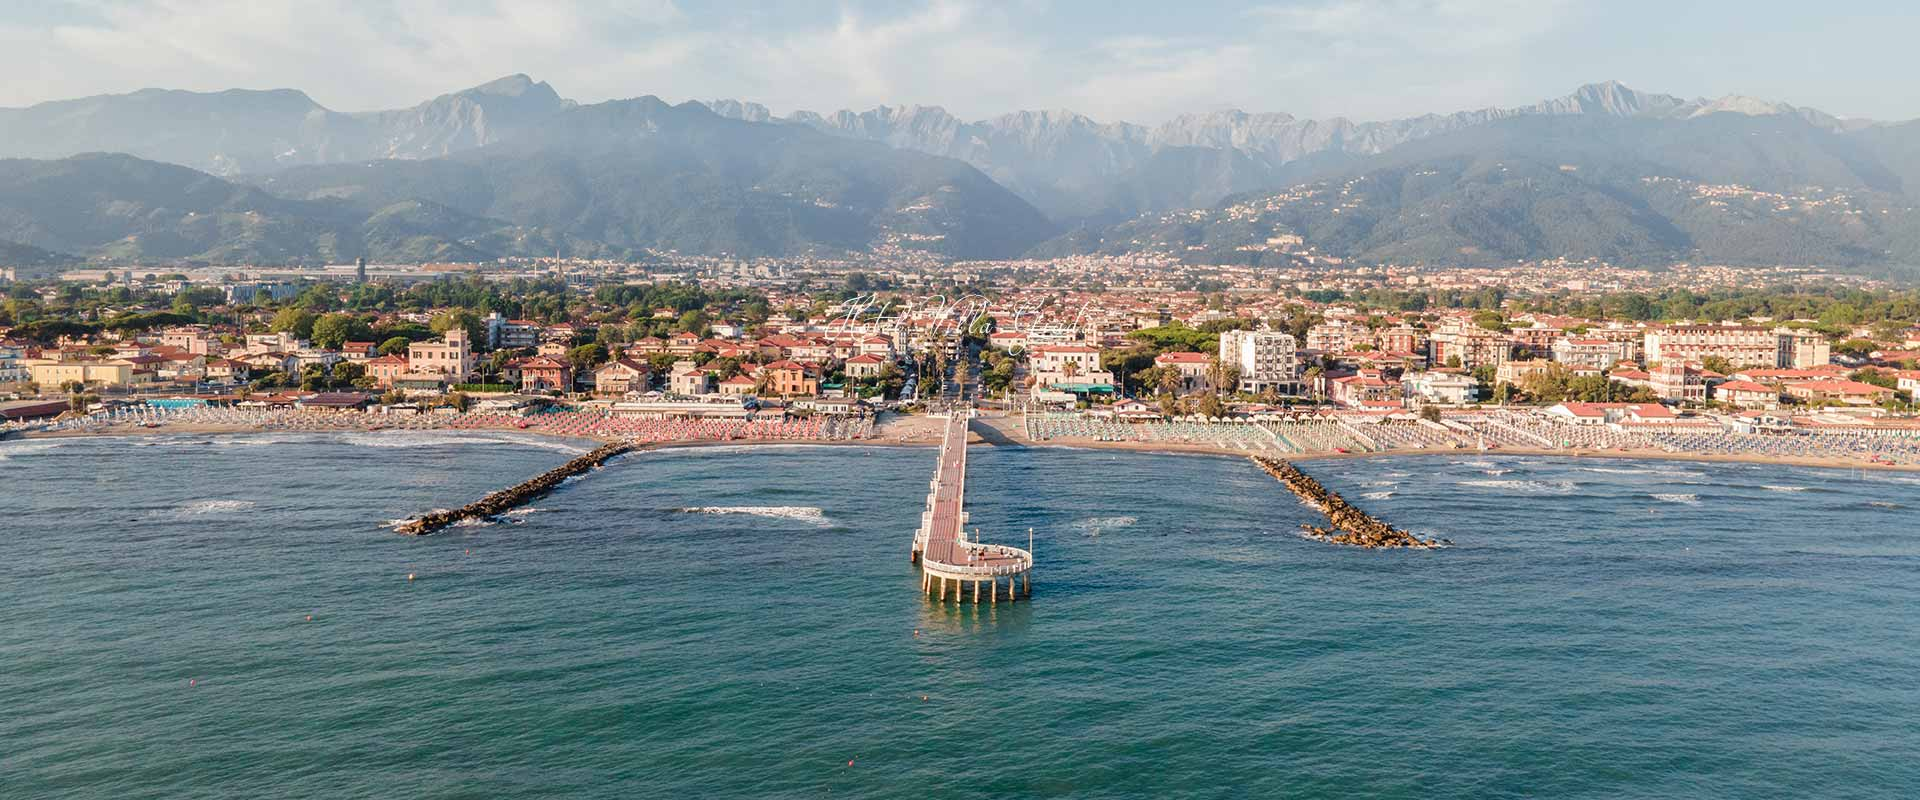 Marina di Massa in Toscana dove si trova Hotel Villa Giada